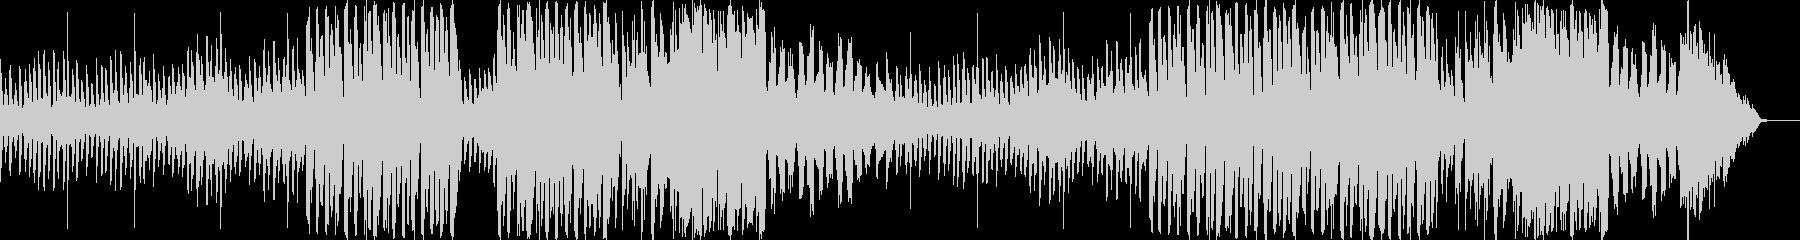 切ない雰囲気が特徴のピアノ曲の未再生の波形